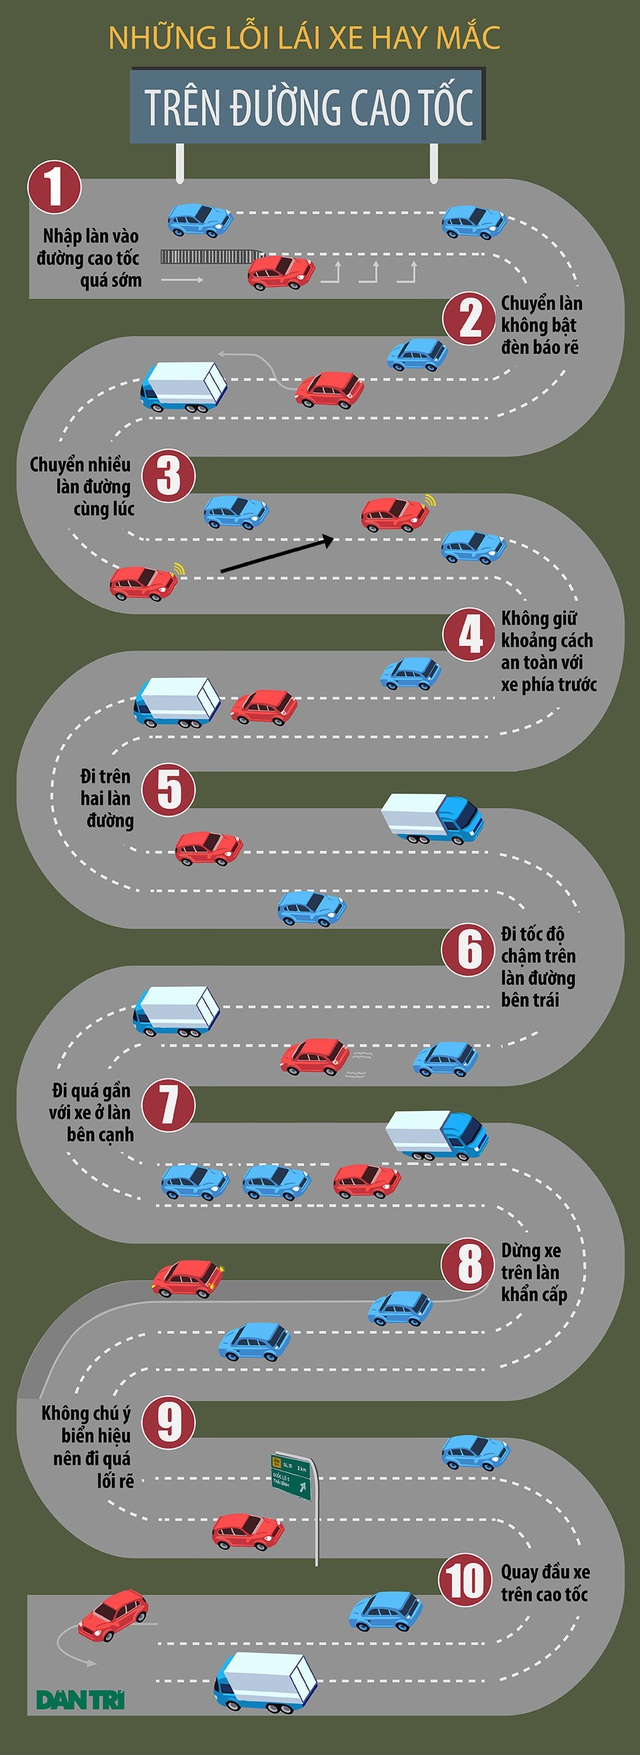 Cẩn thận với những lỗi tài xế Việt hay mắc trên cao tốc - 1